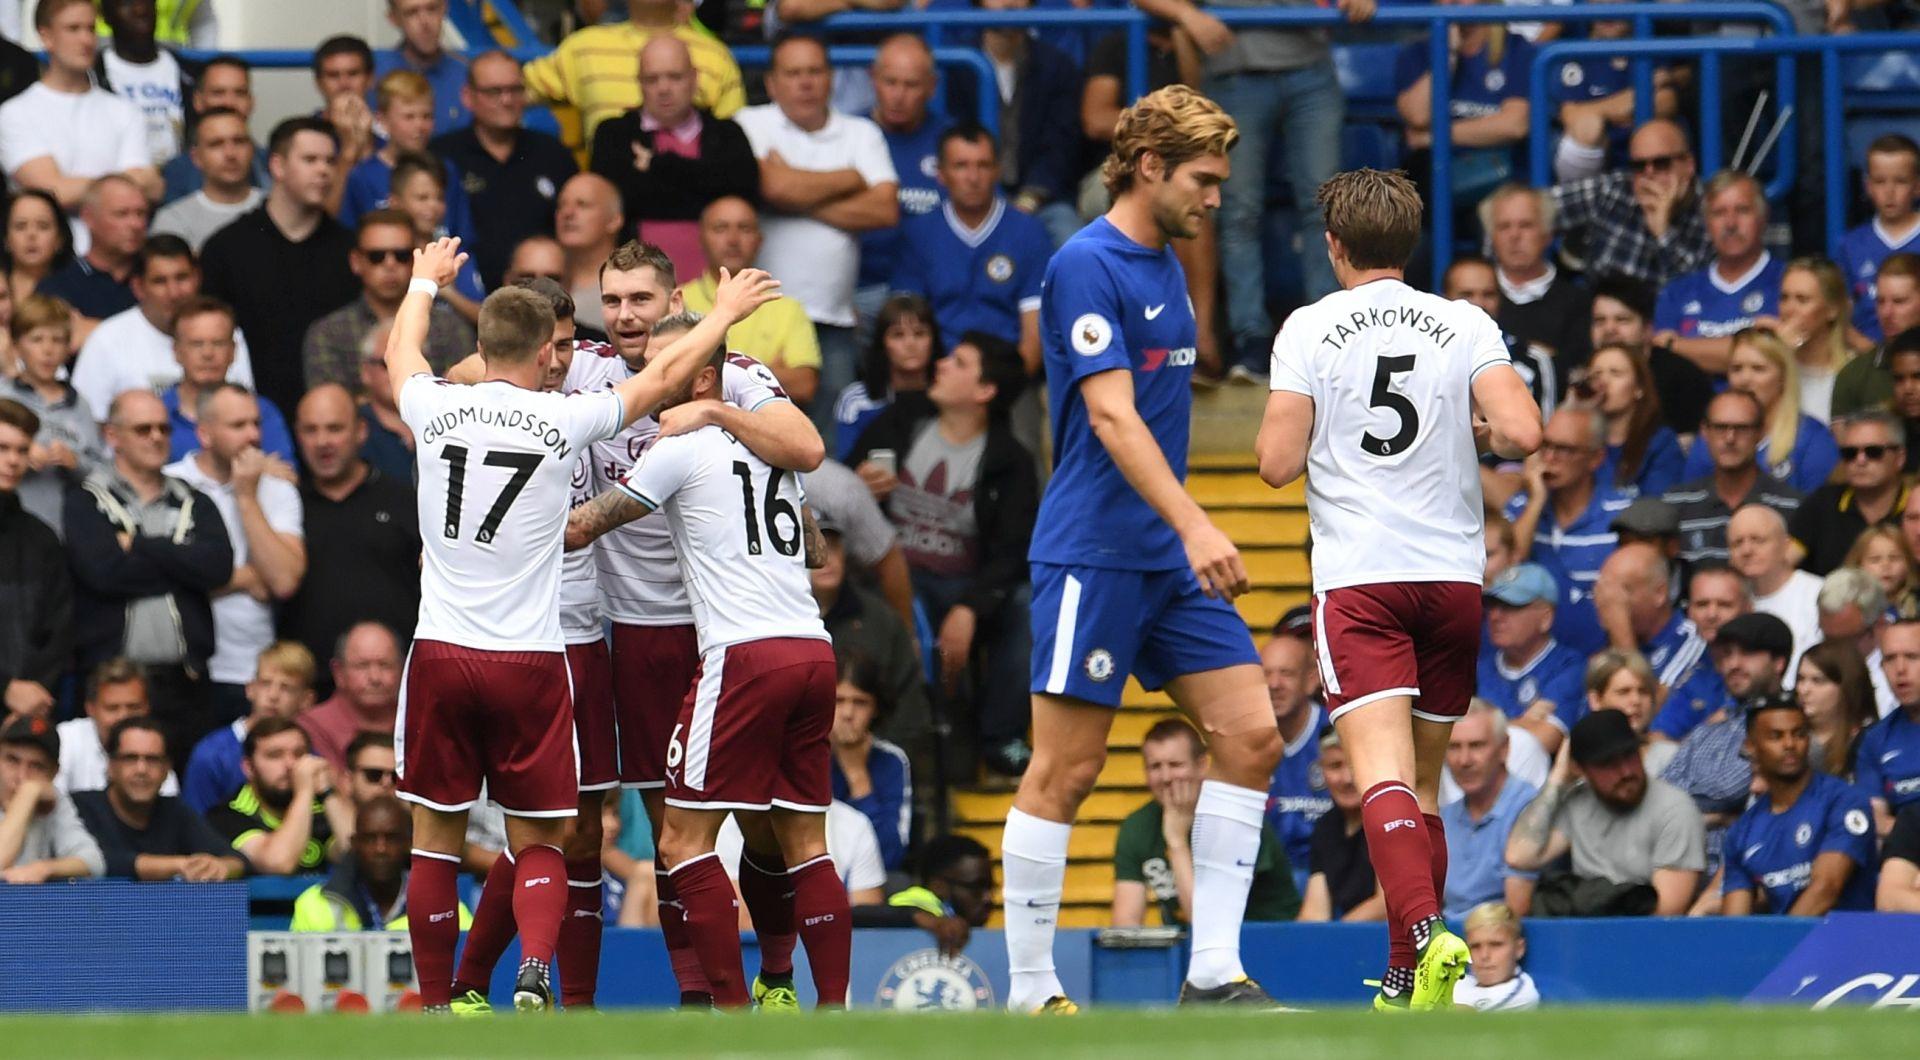 PREMIERLIGA Prvak Chelsea izgubio od Burnleyja na startu prvenstva